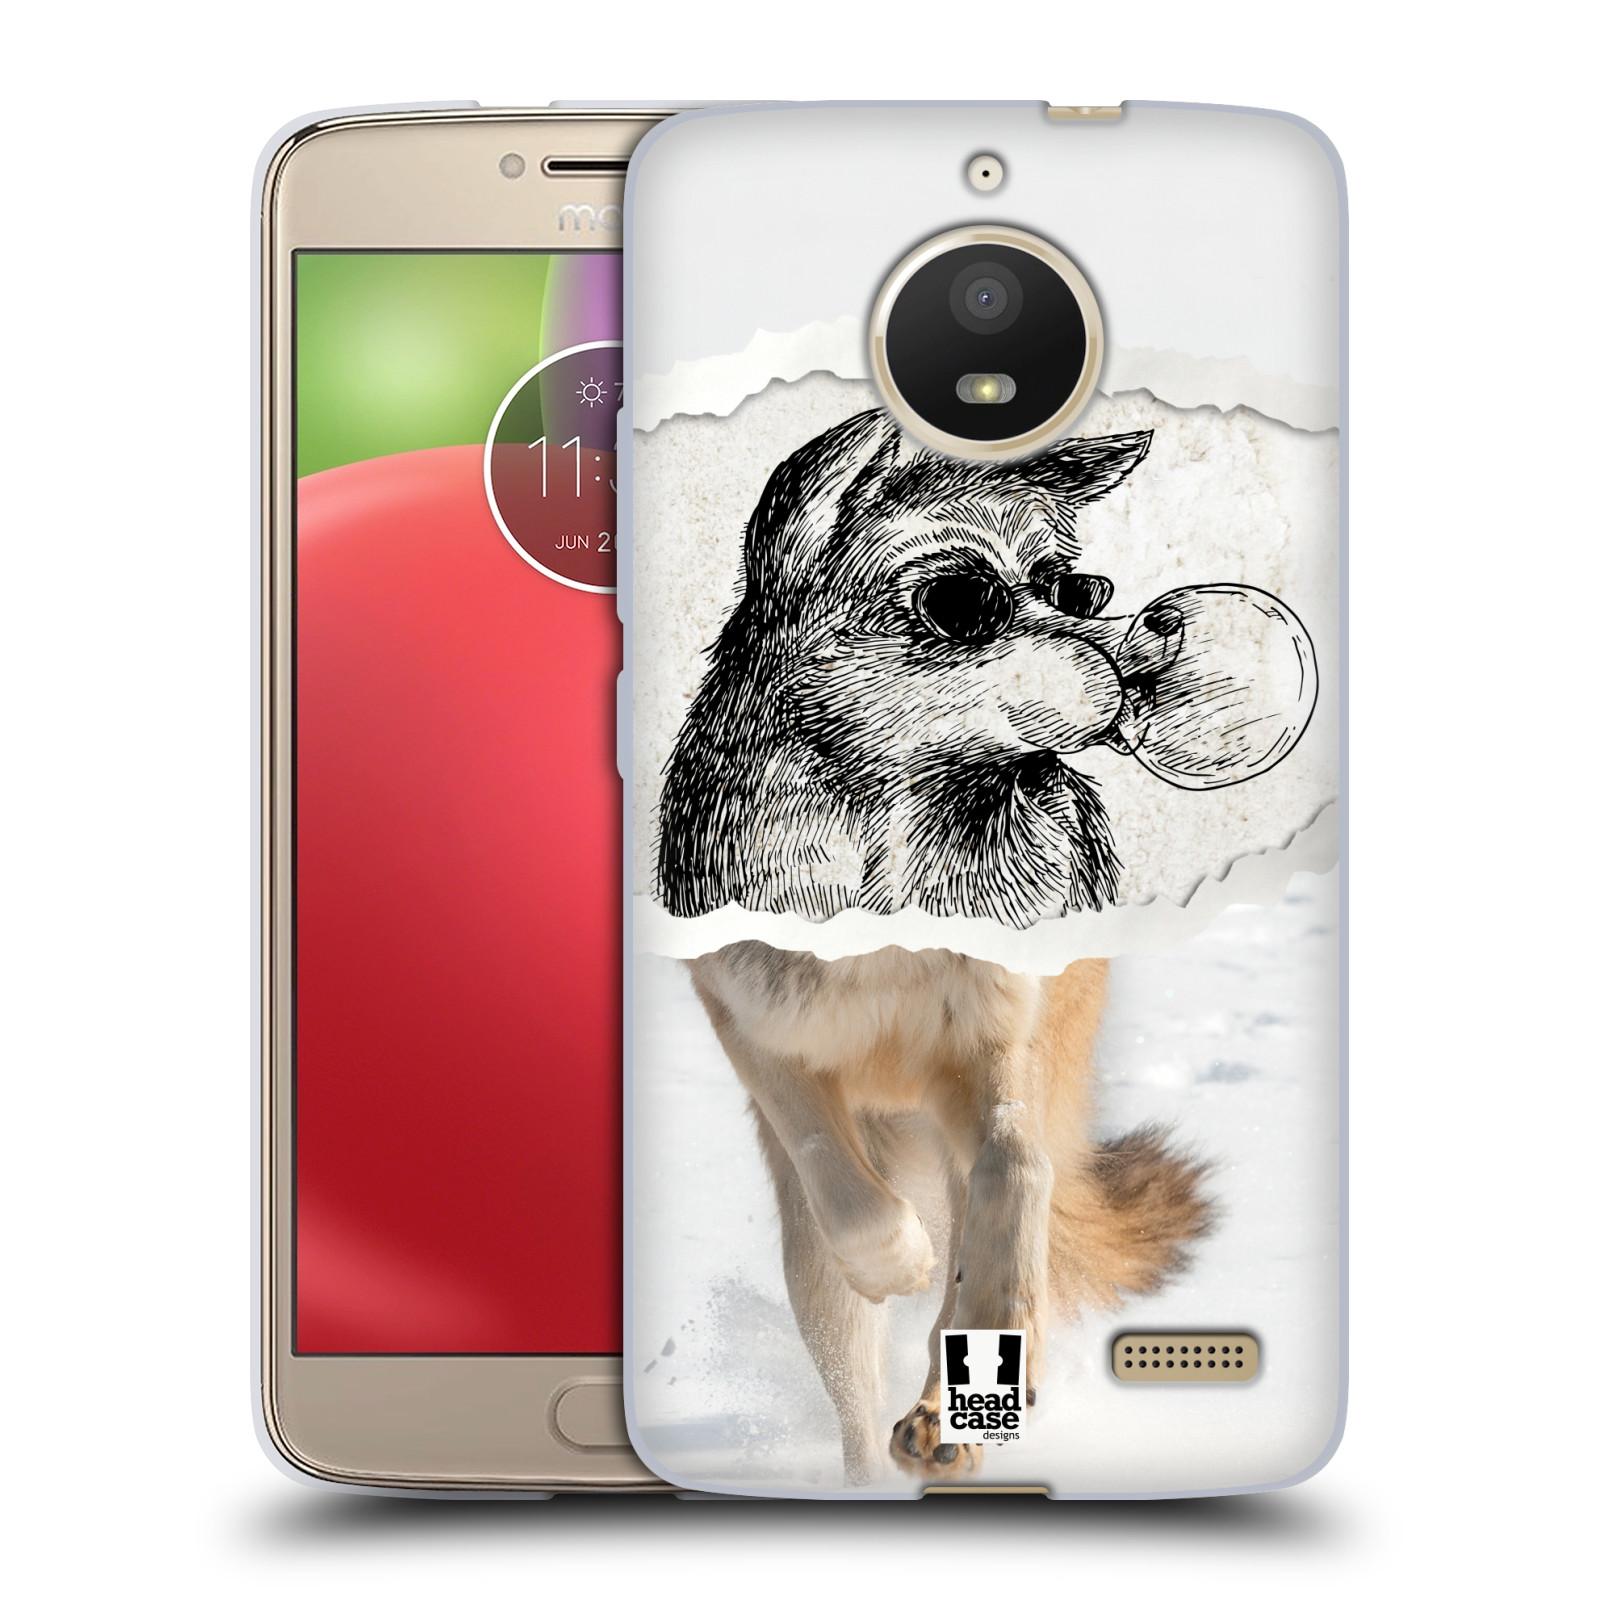 HEAD CASE silikonový obal na mobil Lenovo Moto E4 vzor zvířata koláž vlk  pohodář 1d9d319290a